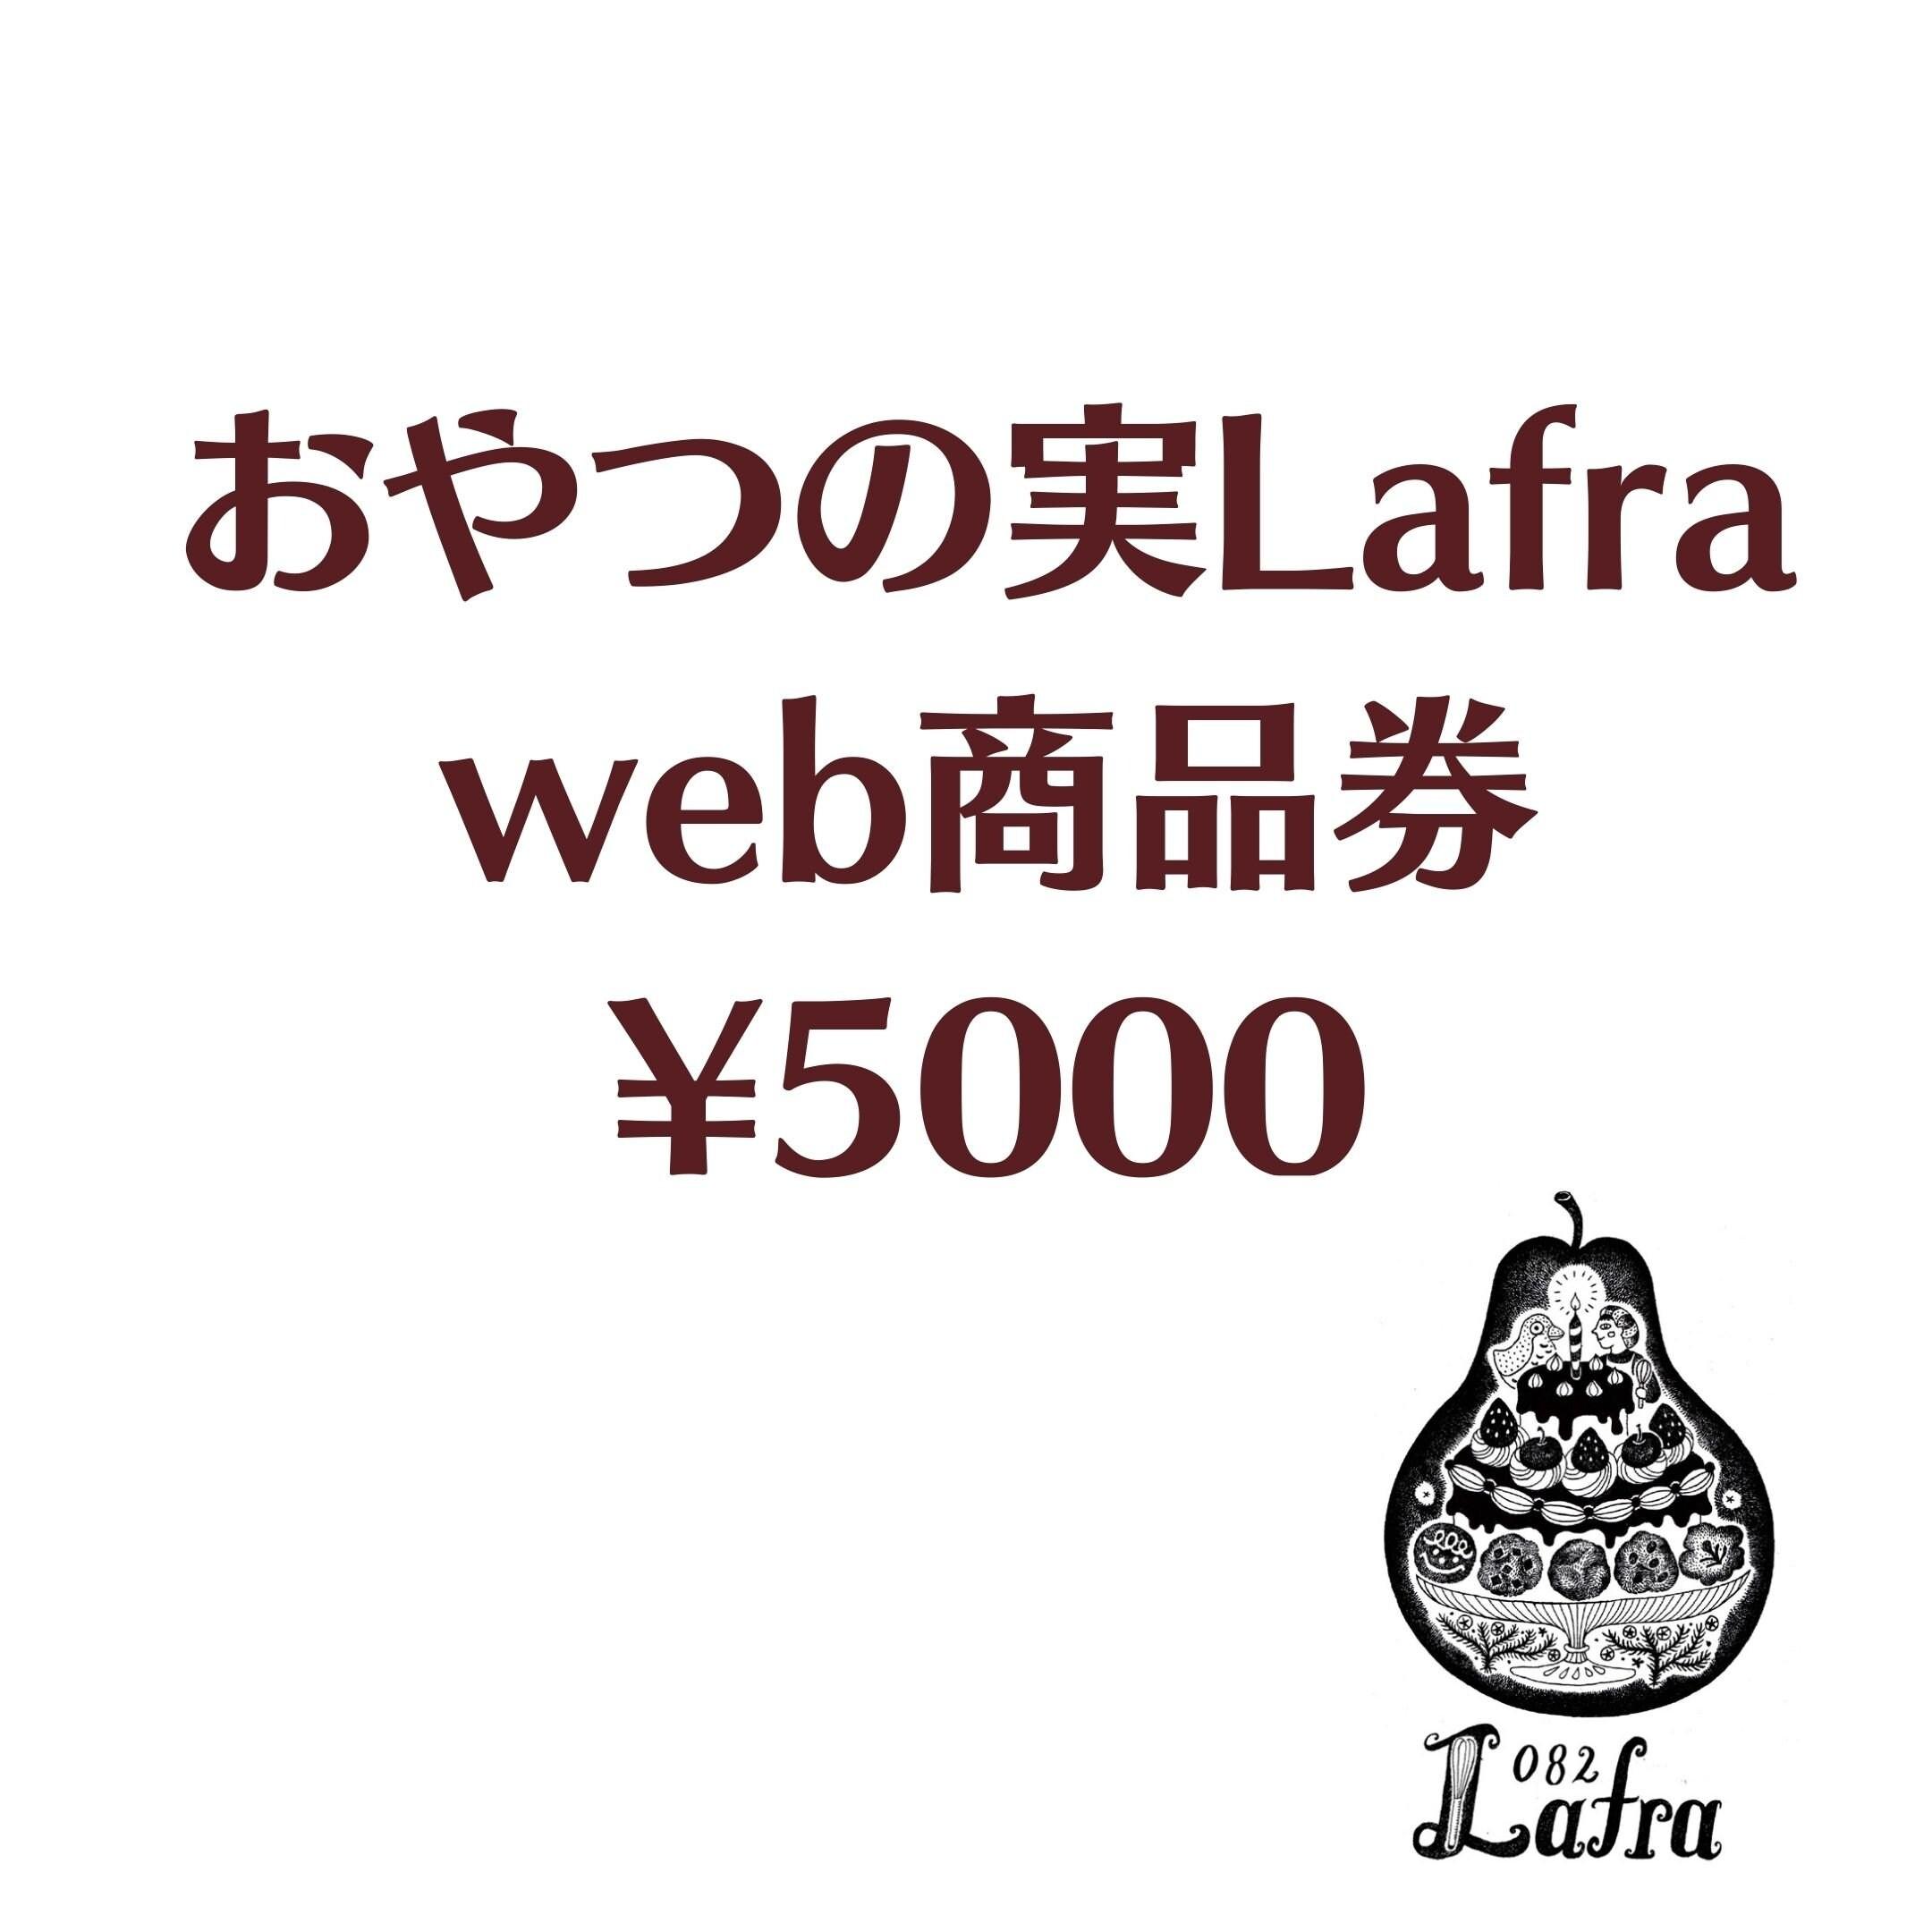 おやつの実Lafra WEB商品券 ¥5000分のイメージその1